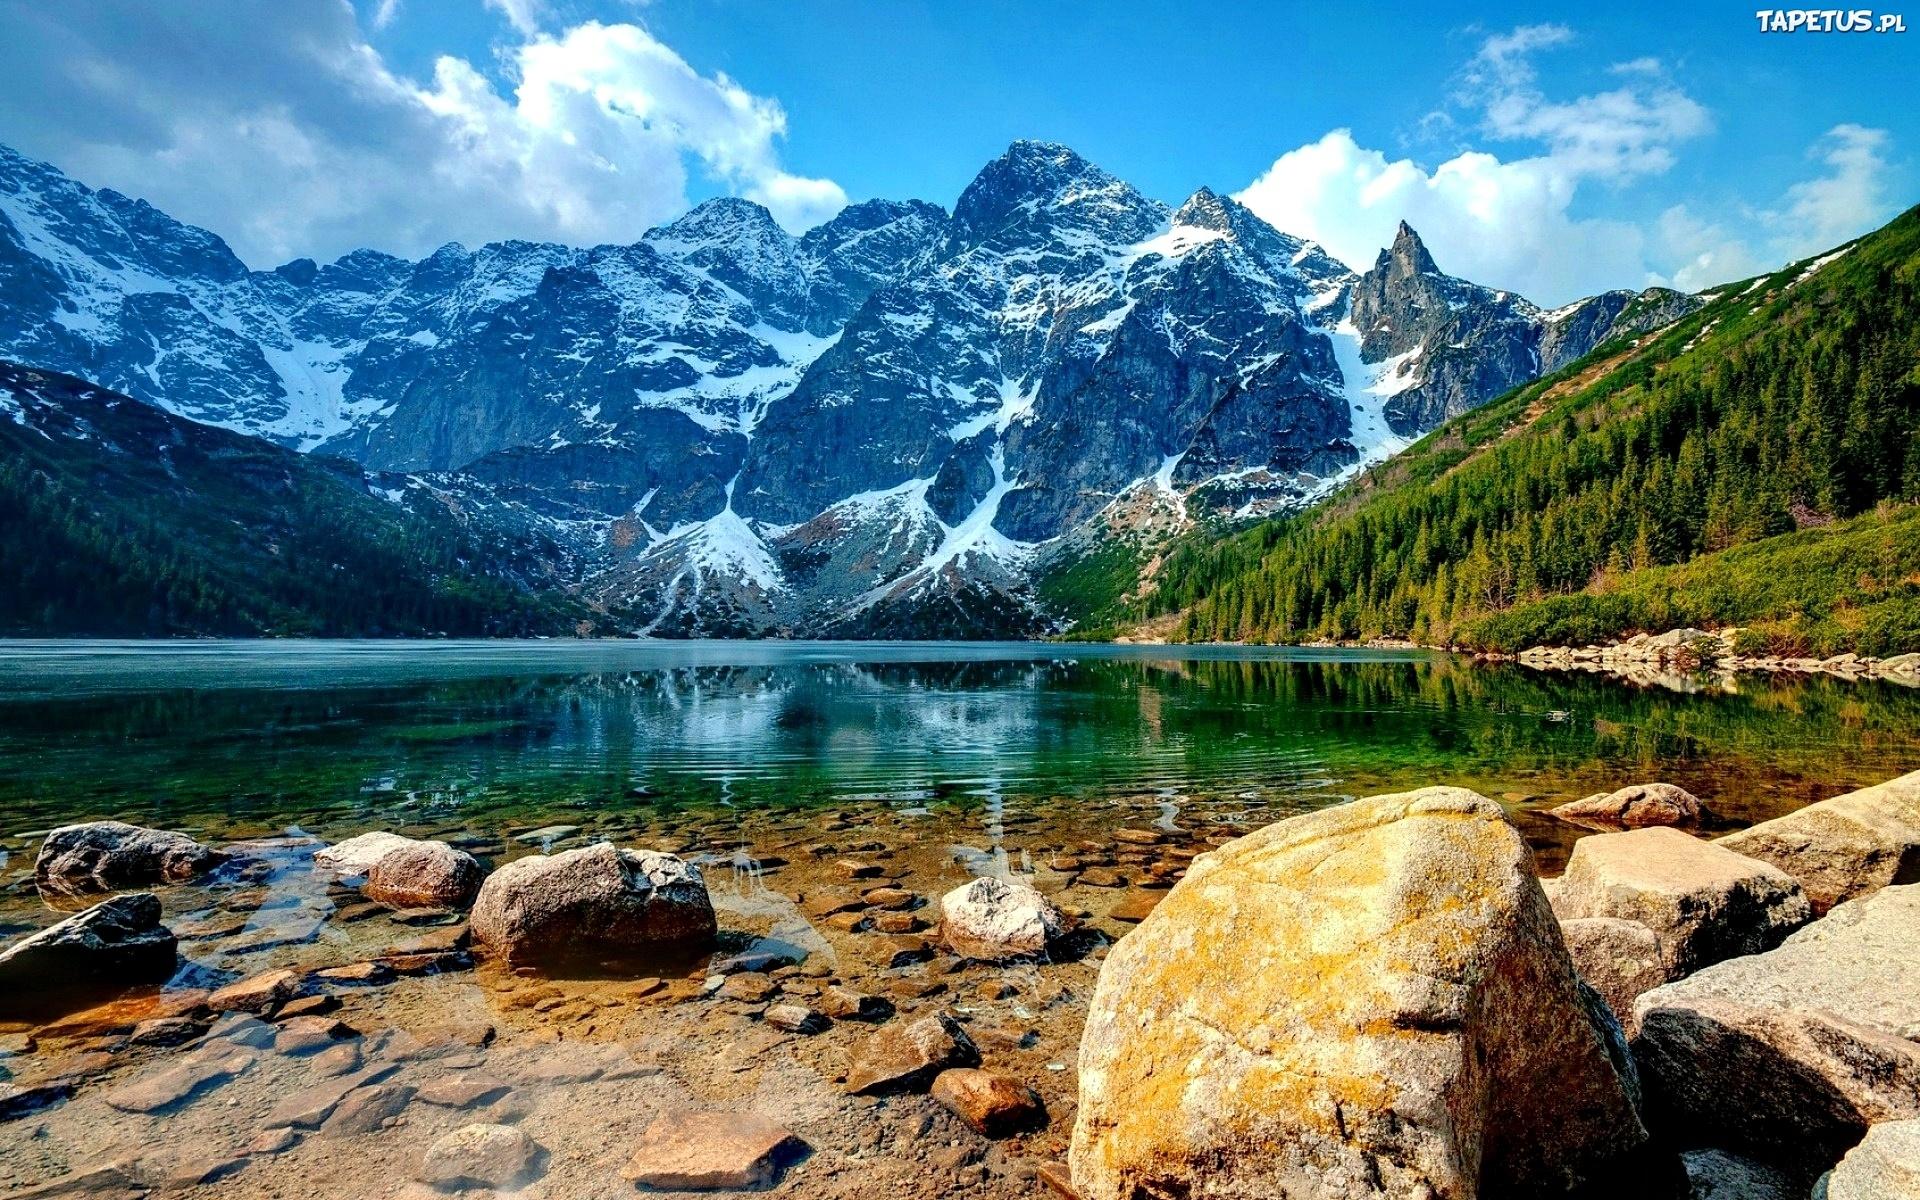 Lśniące Jezioro i okolice